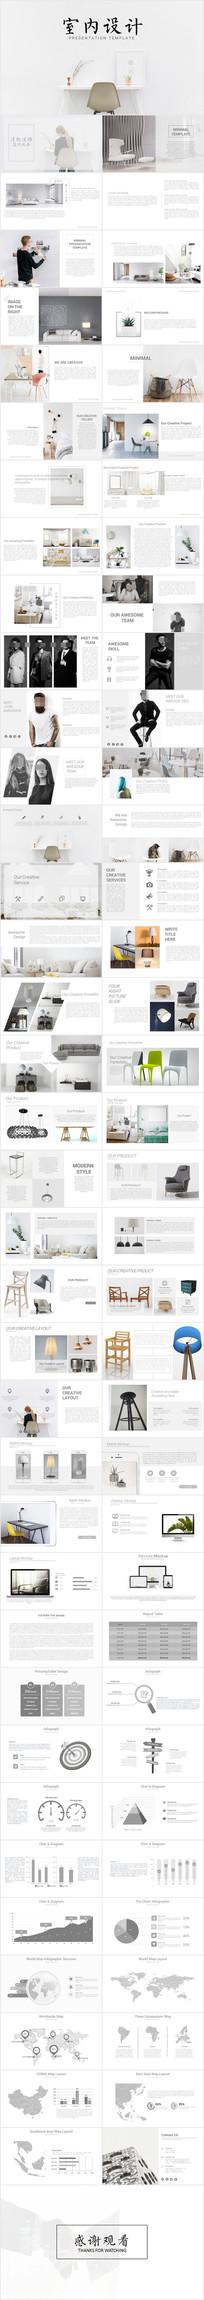 室内设计广告公司简约PPT